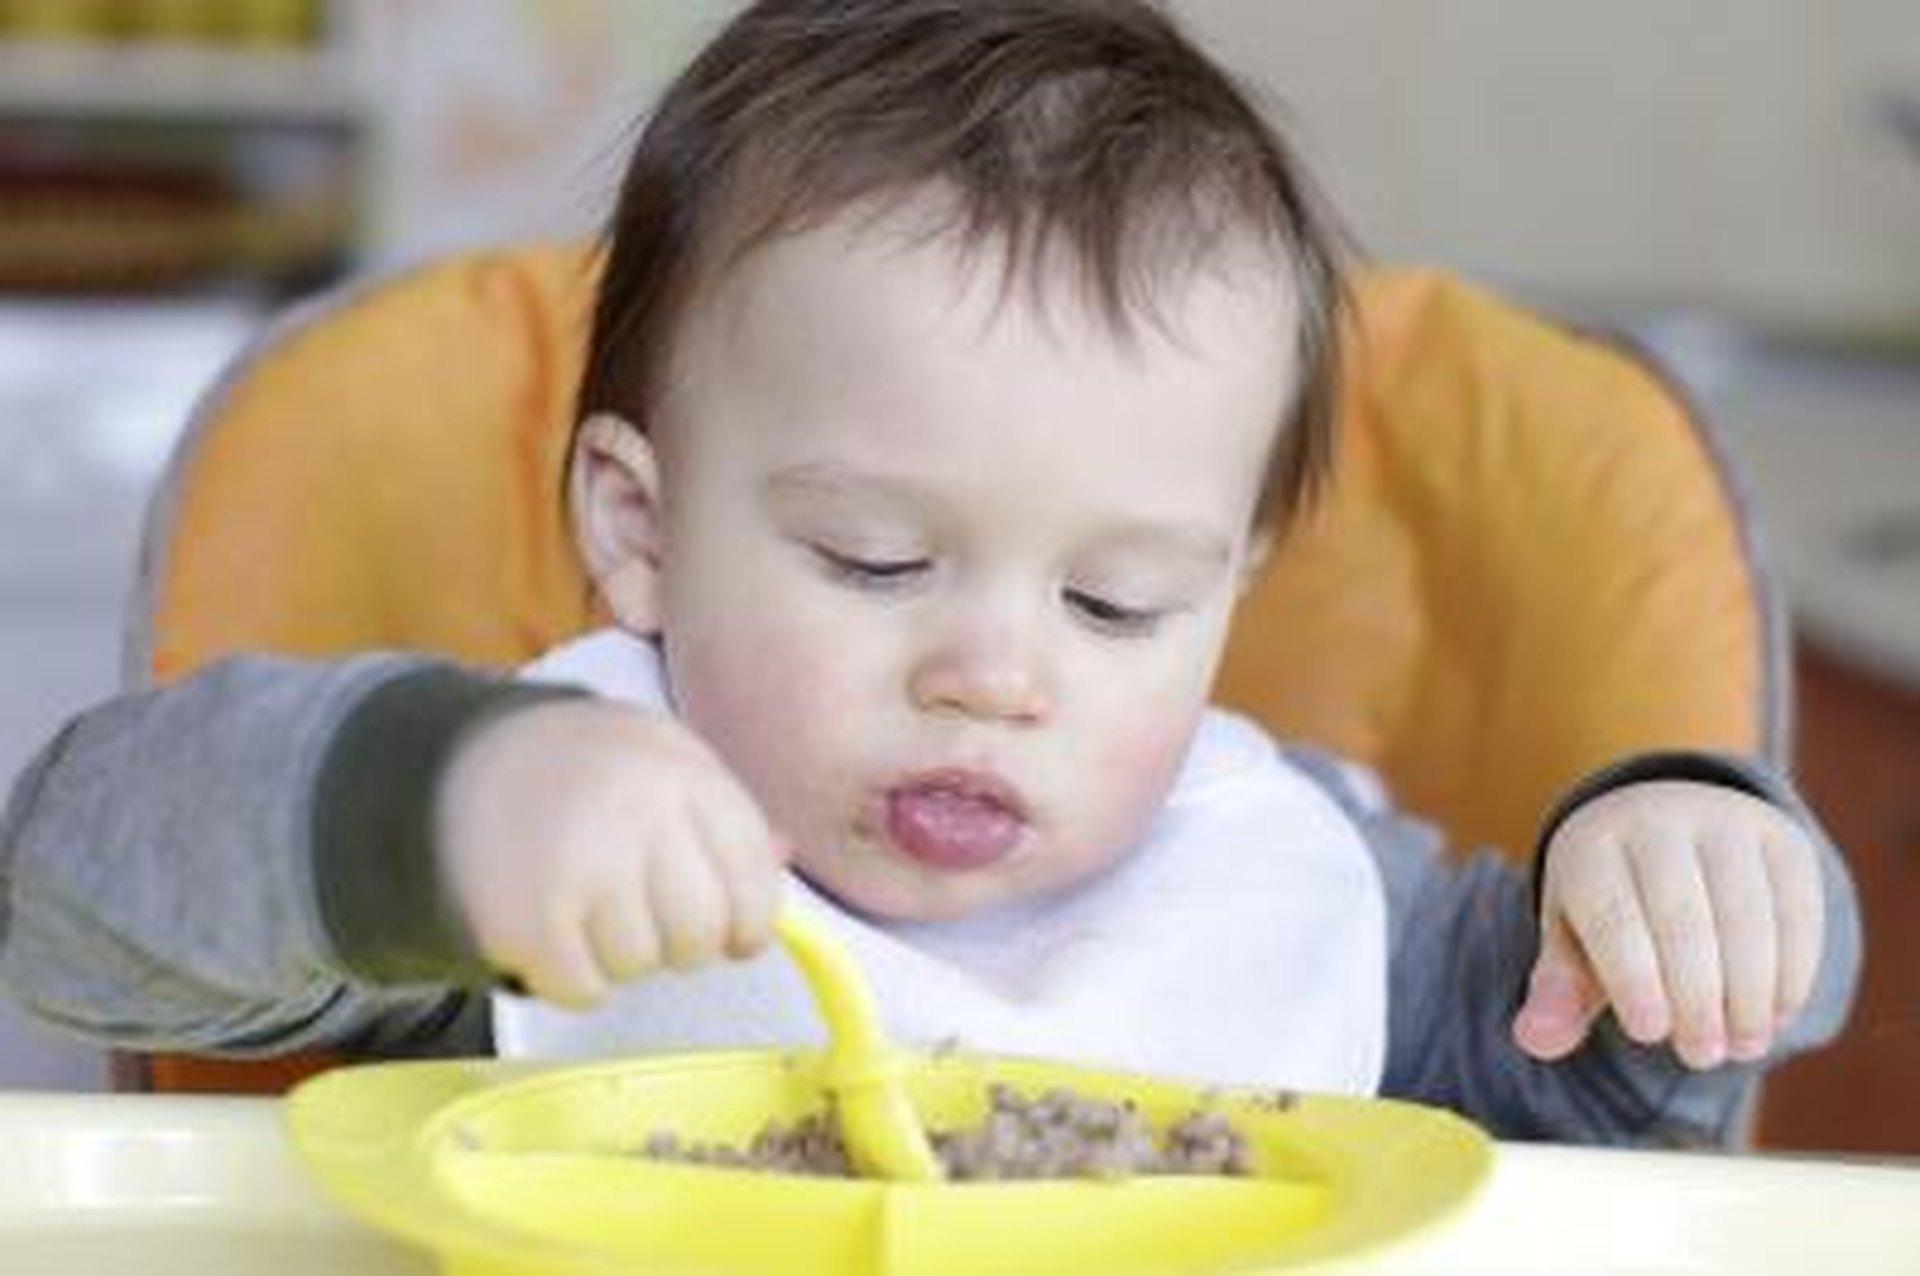 Finger Foods for 11 Month Old Babies